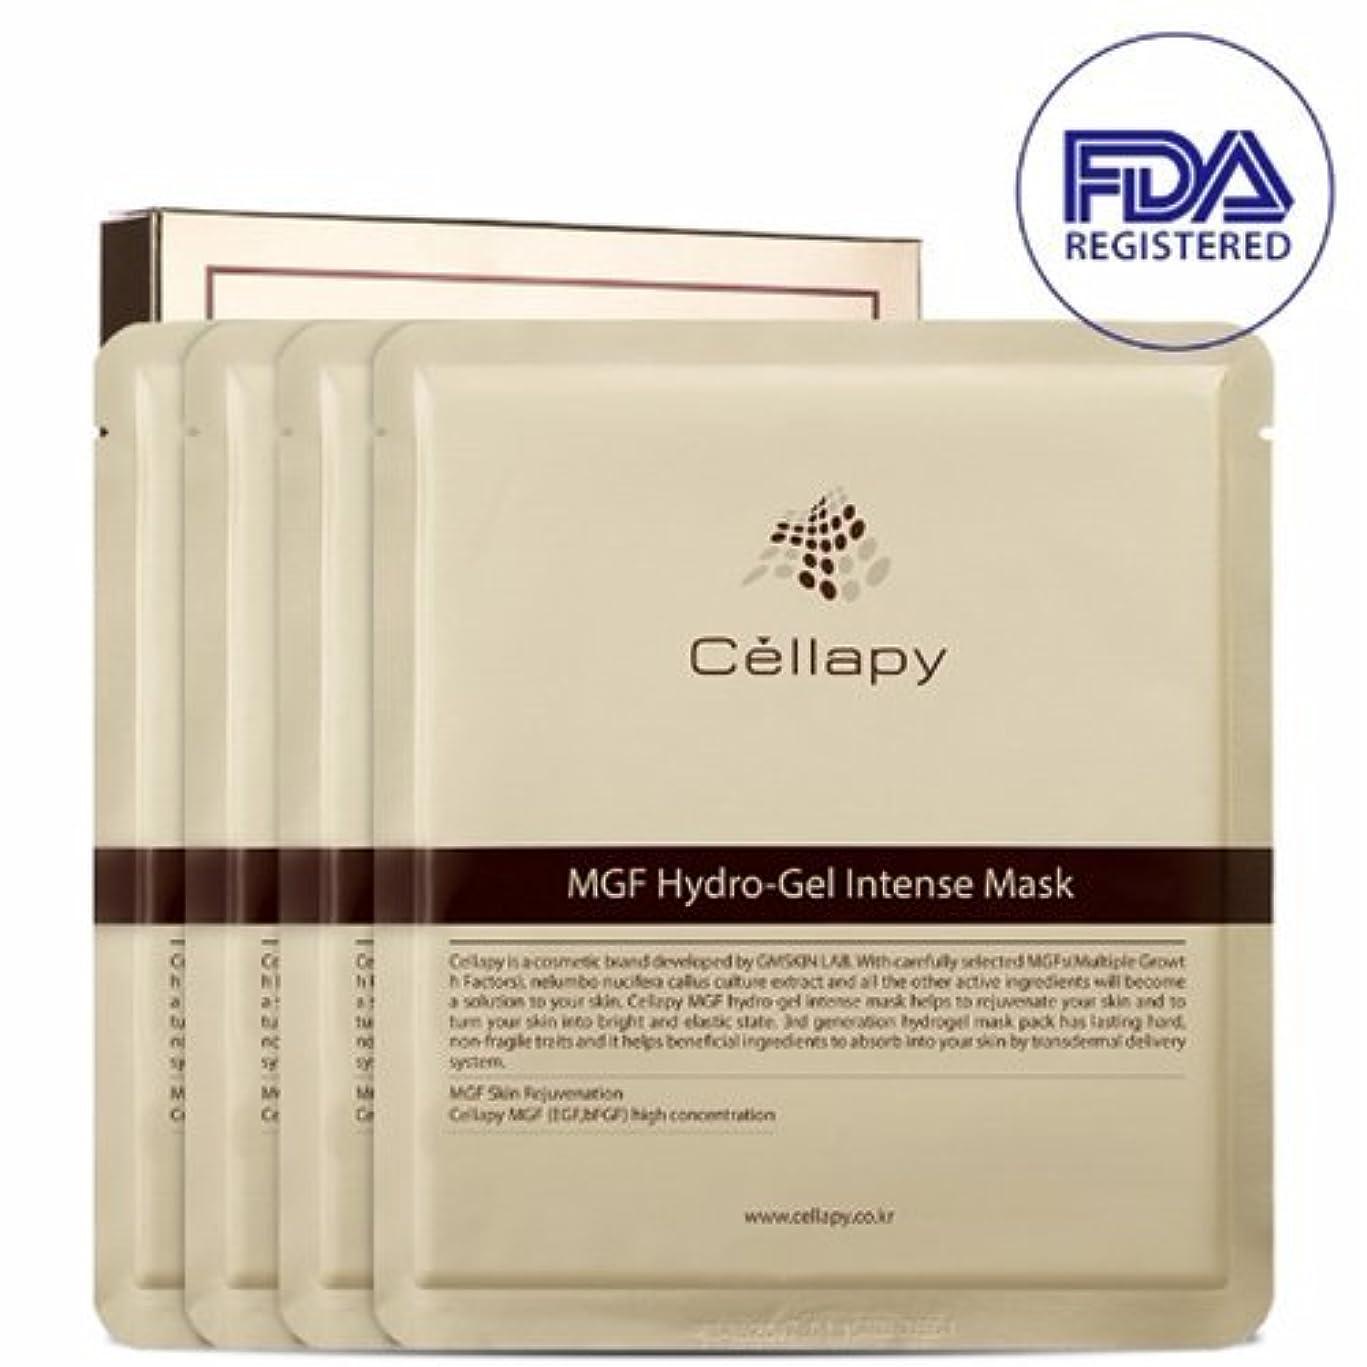 膨らませるしてはいけませんクライアントセルラピ MGFハイドロゲルインテンスマスクシート25g*4枚セット[並行輸入品] / Cellapy MGF Hydro-Gel Intense Mask Sheet 25g 4pcs Set for Irritable, Sensitive & Dry skin